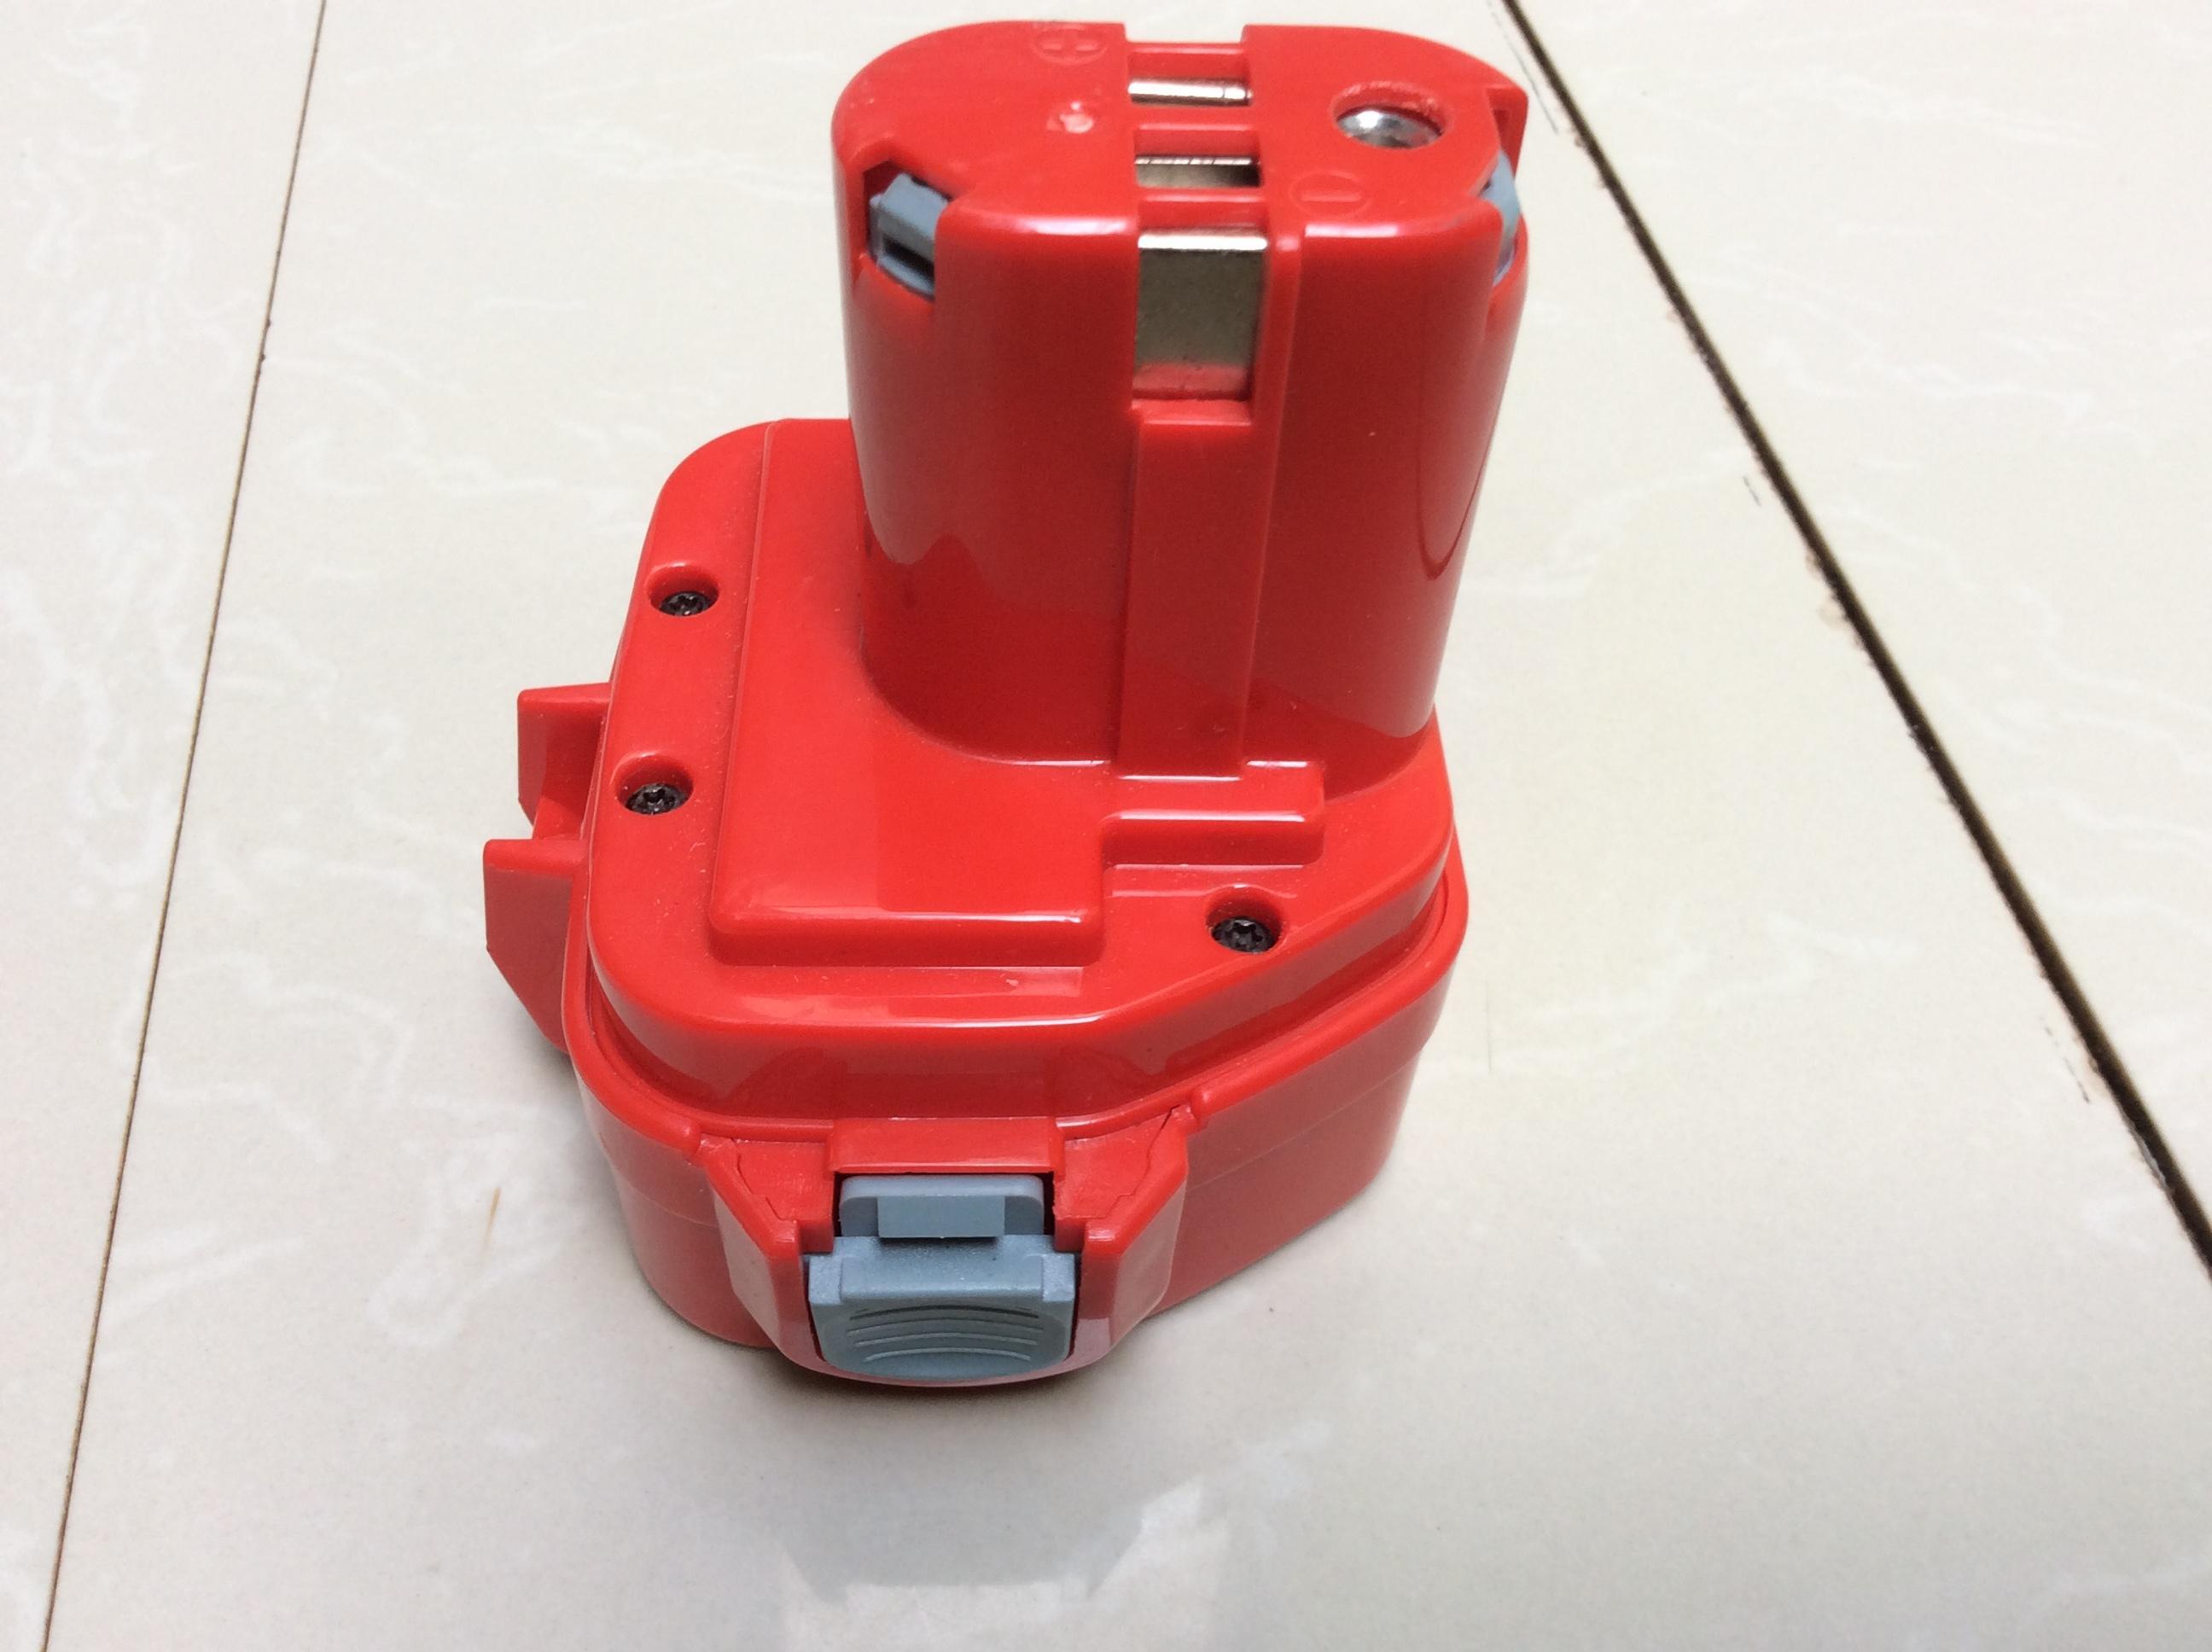 Pin Makita 12V 2.2A Được Làm Từ Pin TianlVN Mới